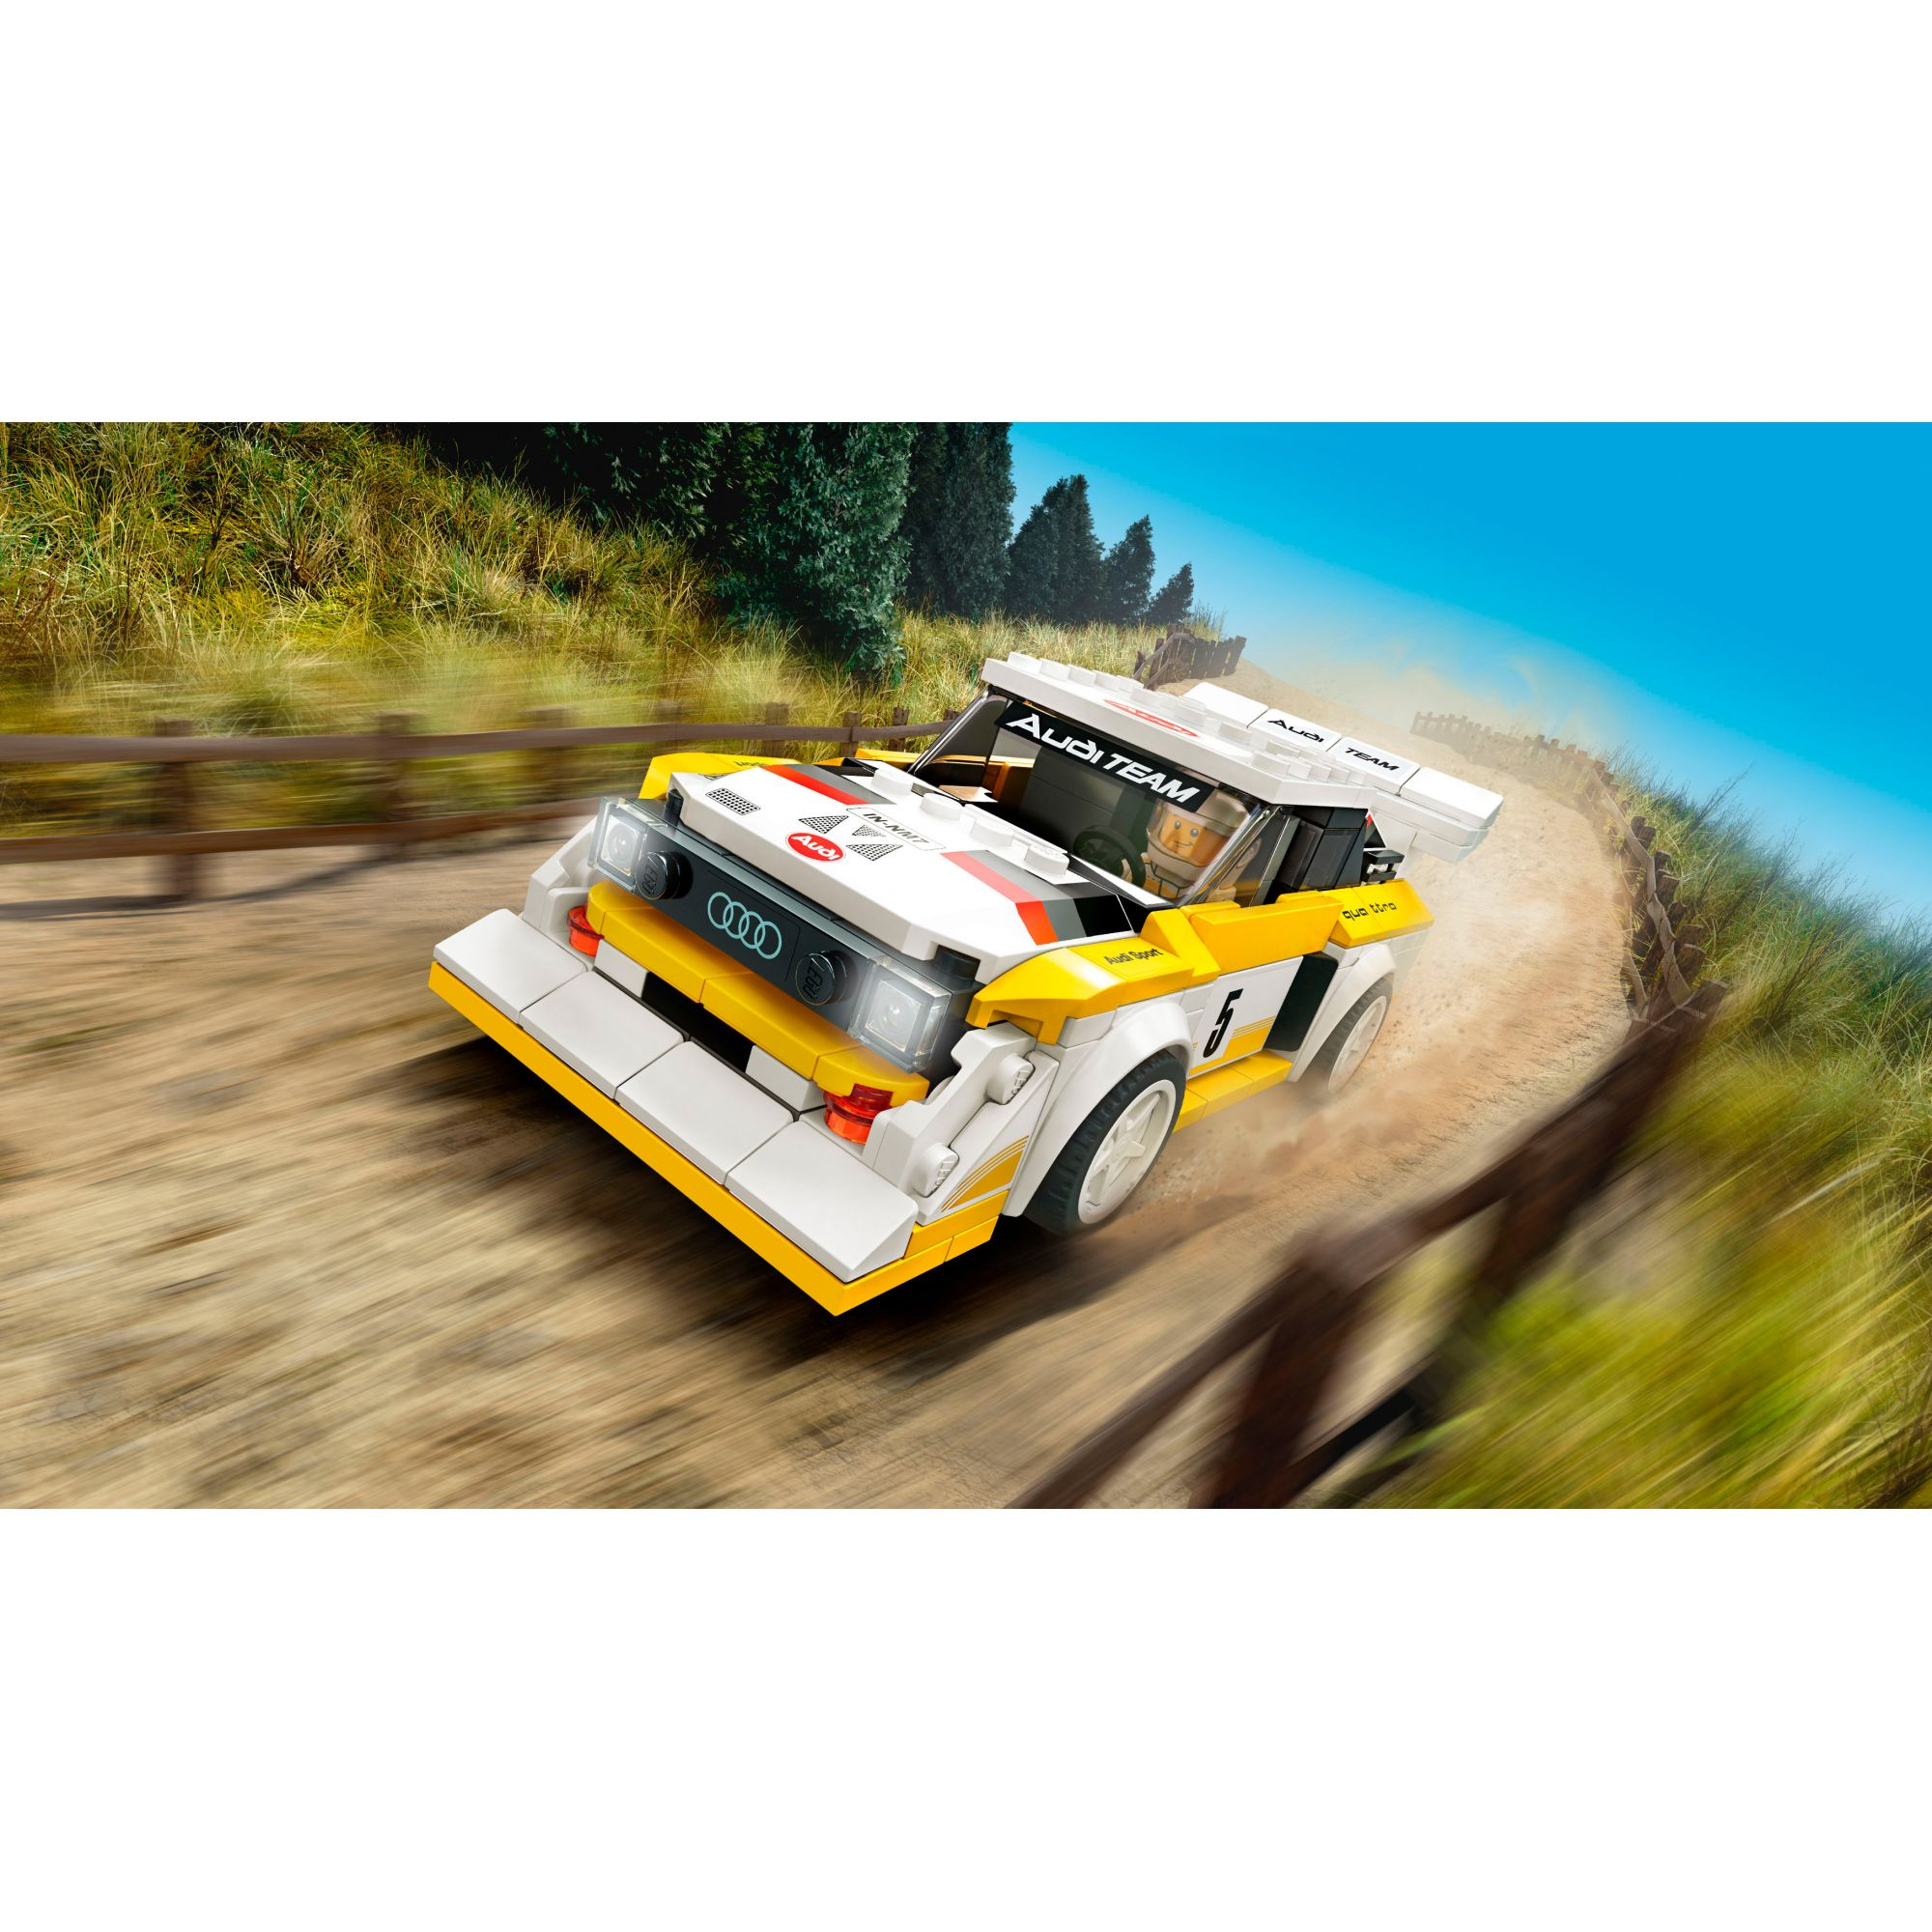 LEGO Speed Champions 1985 Audi Sport quattro S1 - 76897